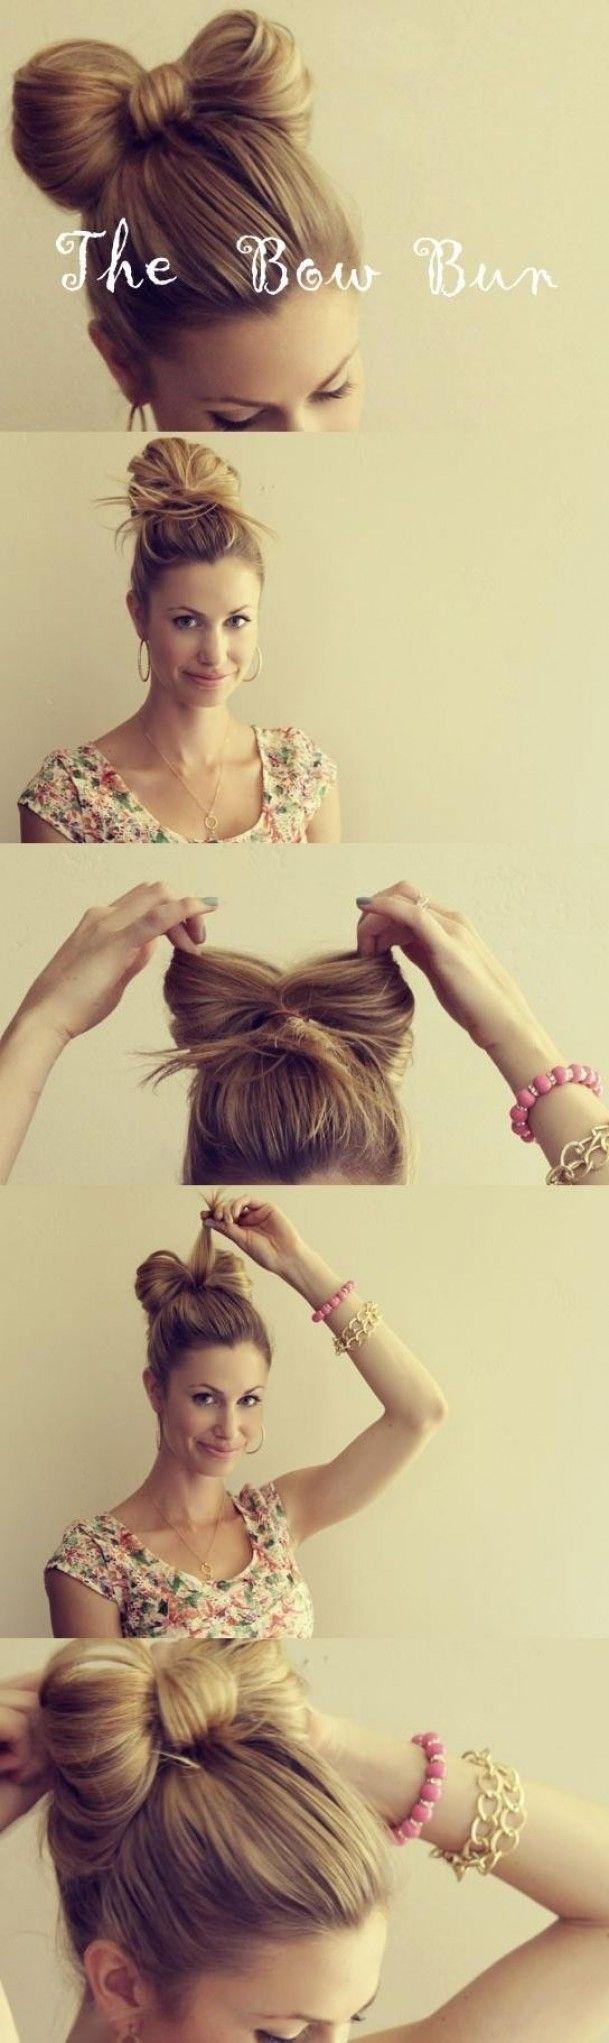 the bow bun hairdo